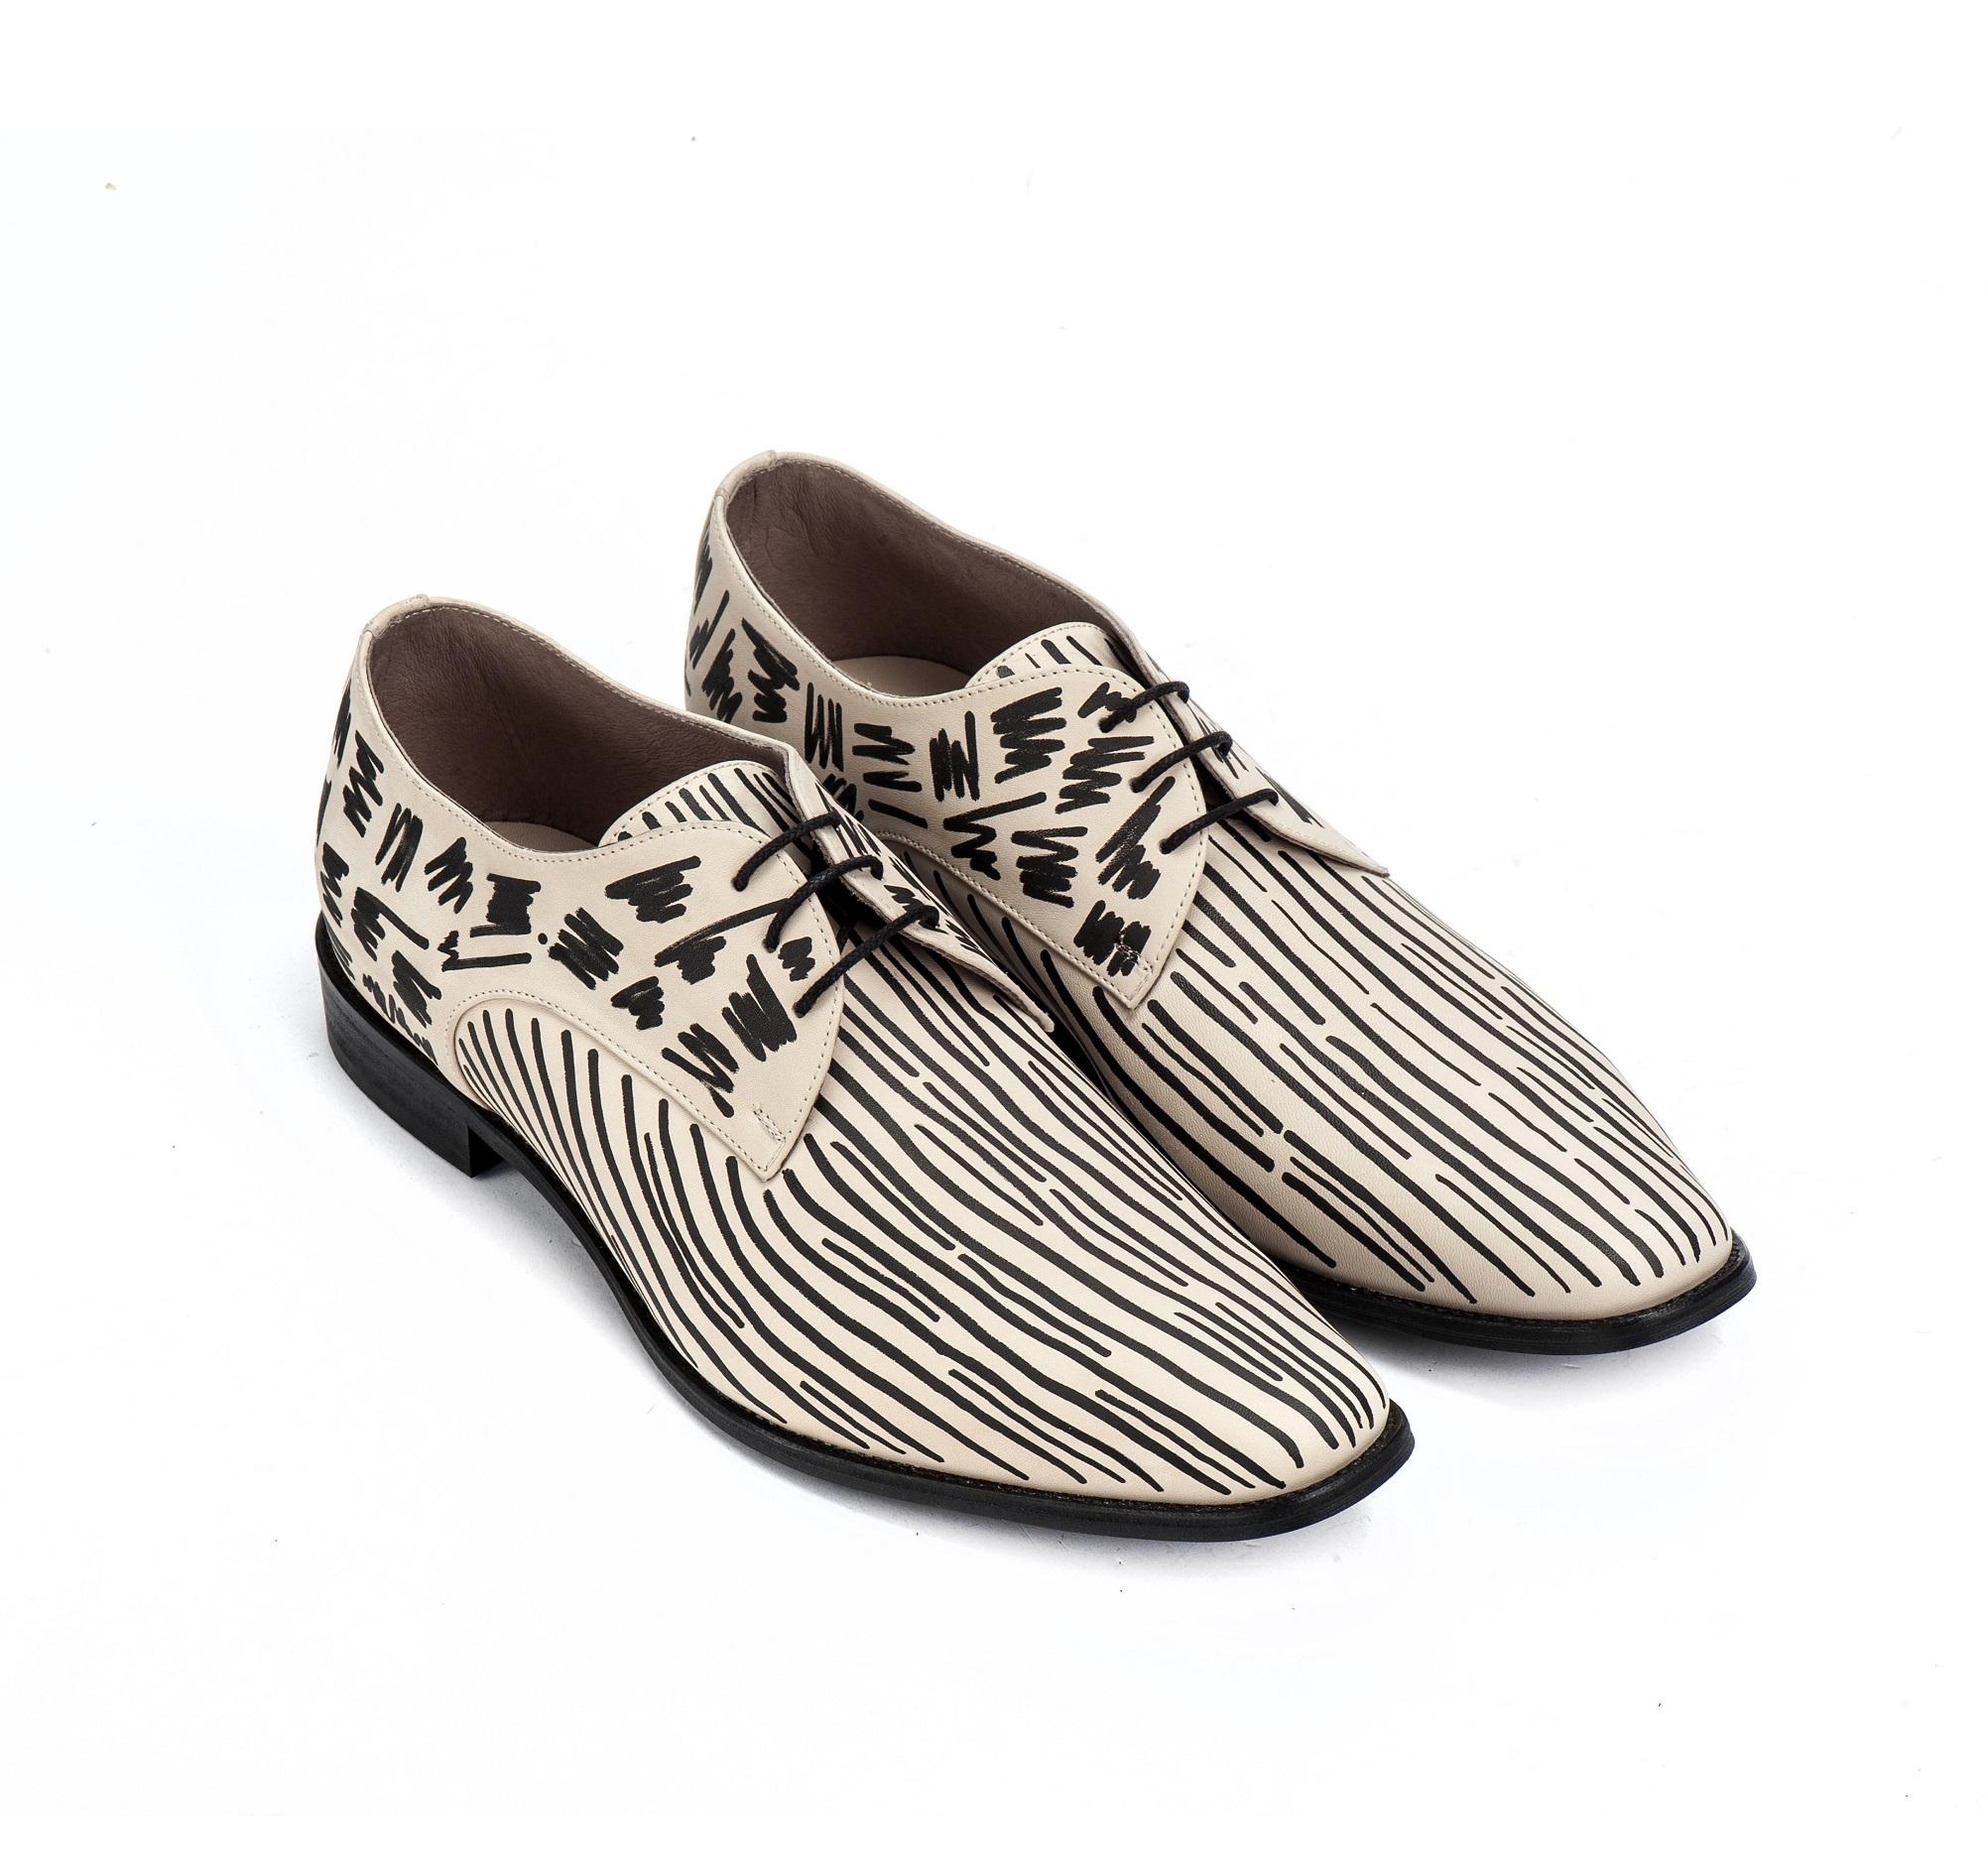 מותג הנעליים ארמה - אוקספורד שחור לבן. צילום: אליה מלינקוב